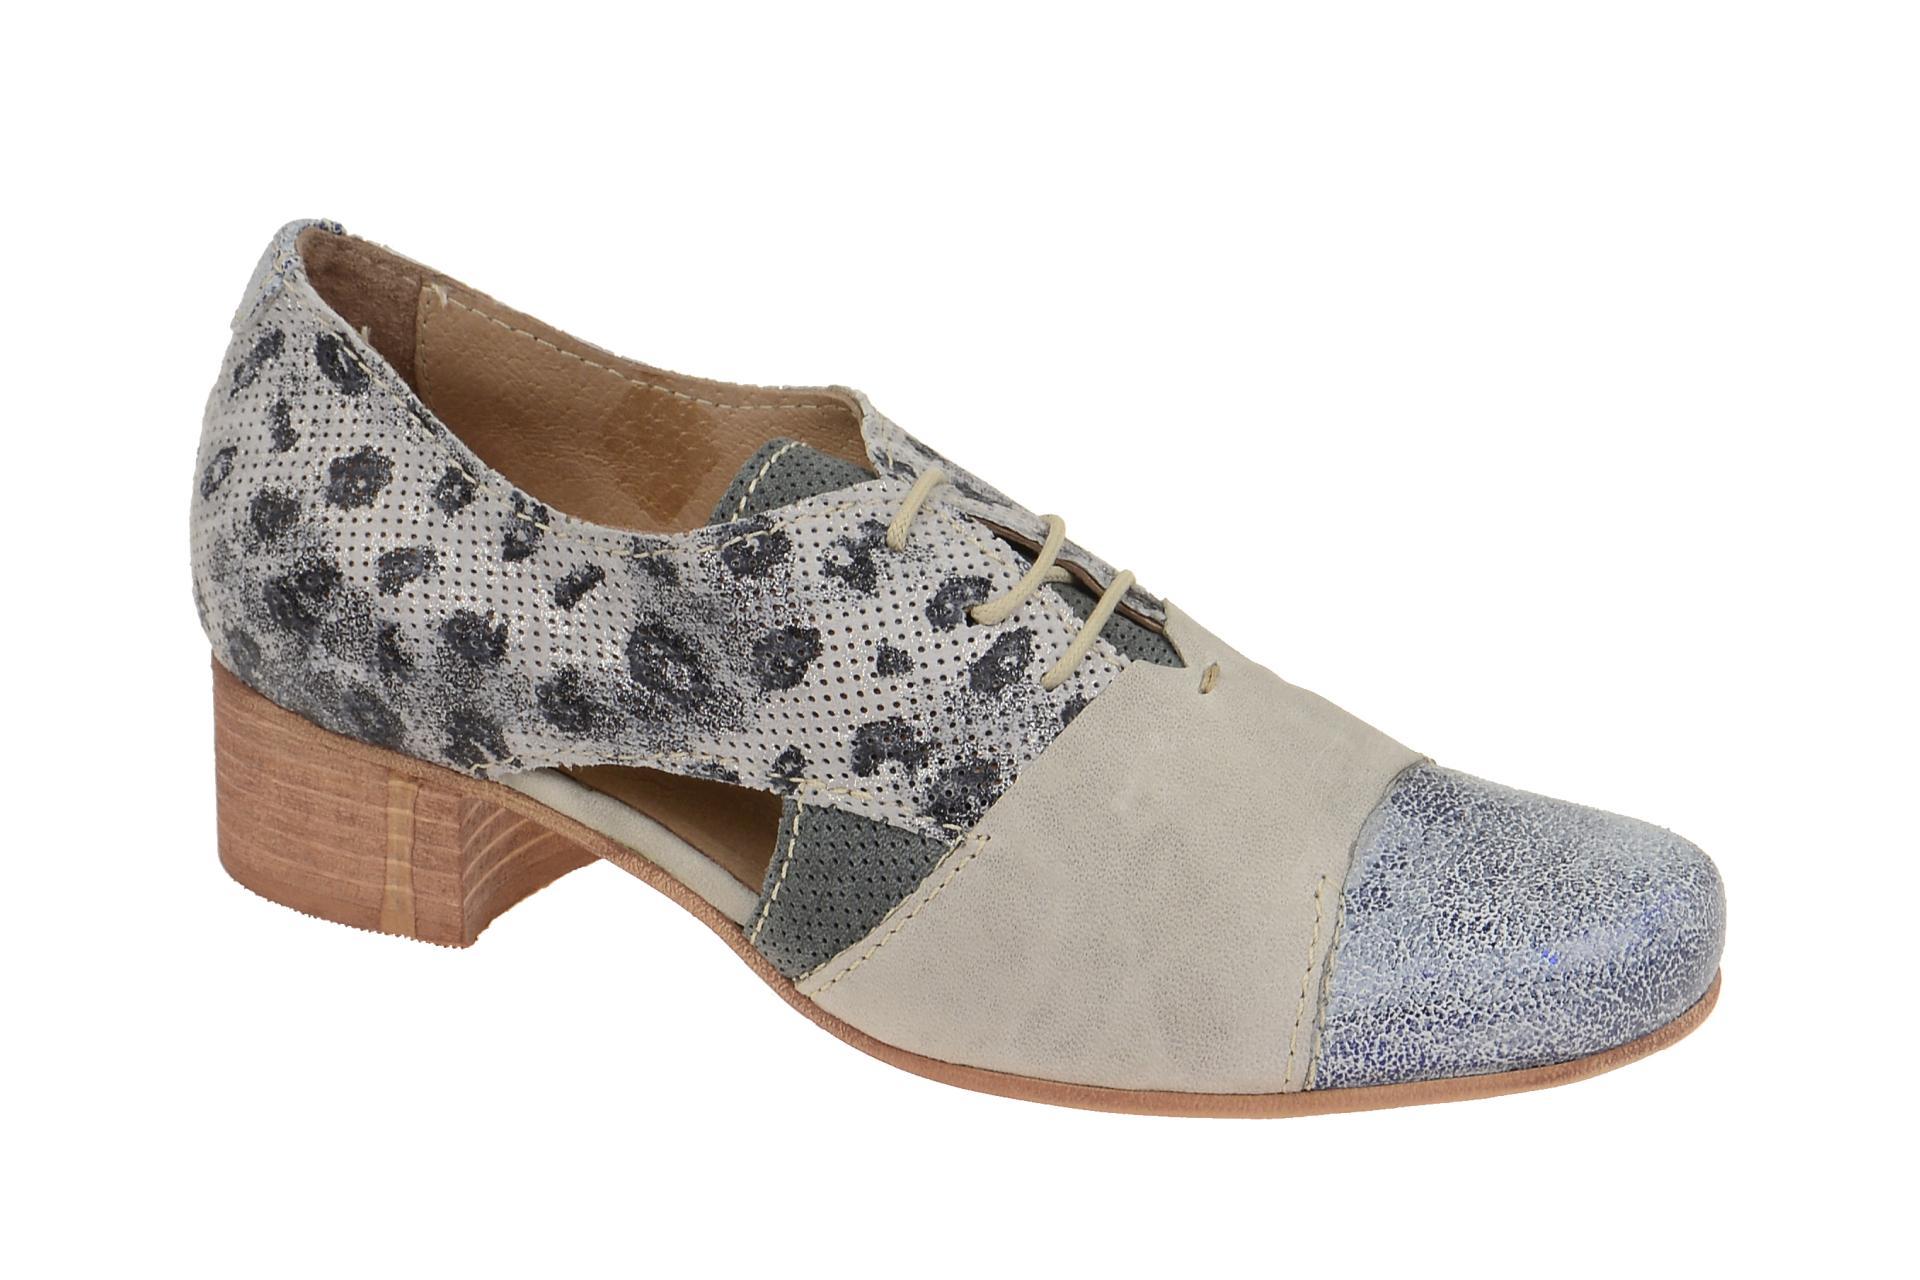 a7ab13adffdaa0 CHARME Schuhe online kaufen - Schuhhaus Strauch